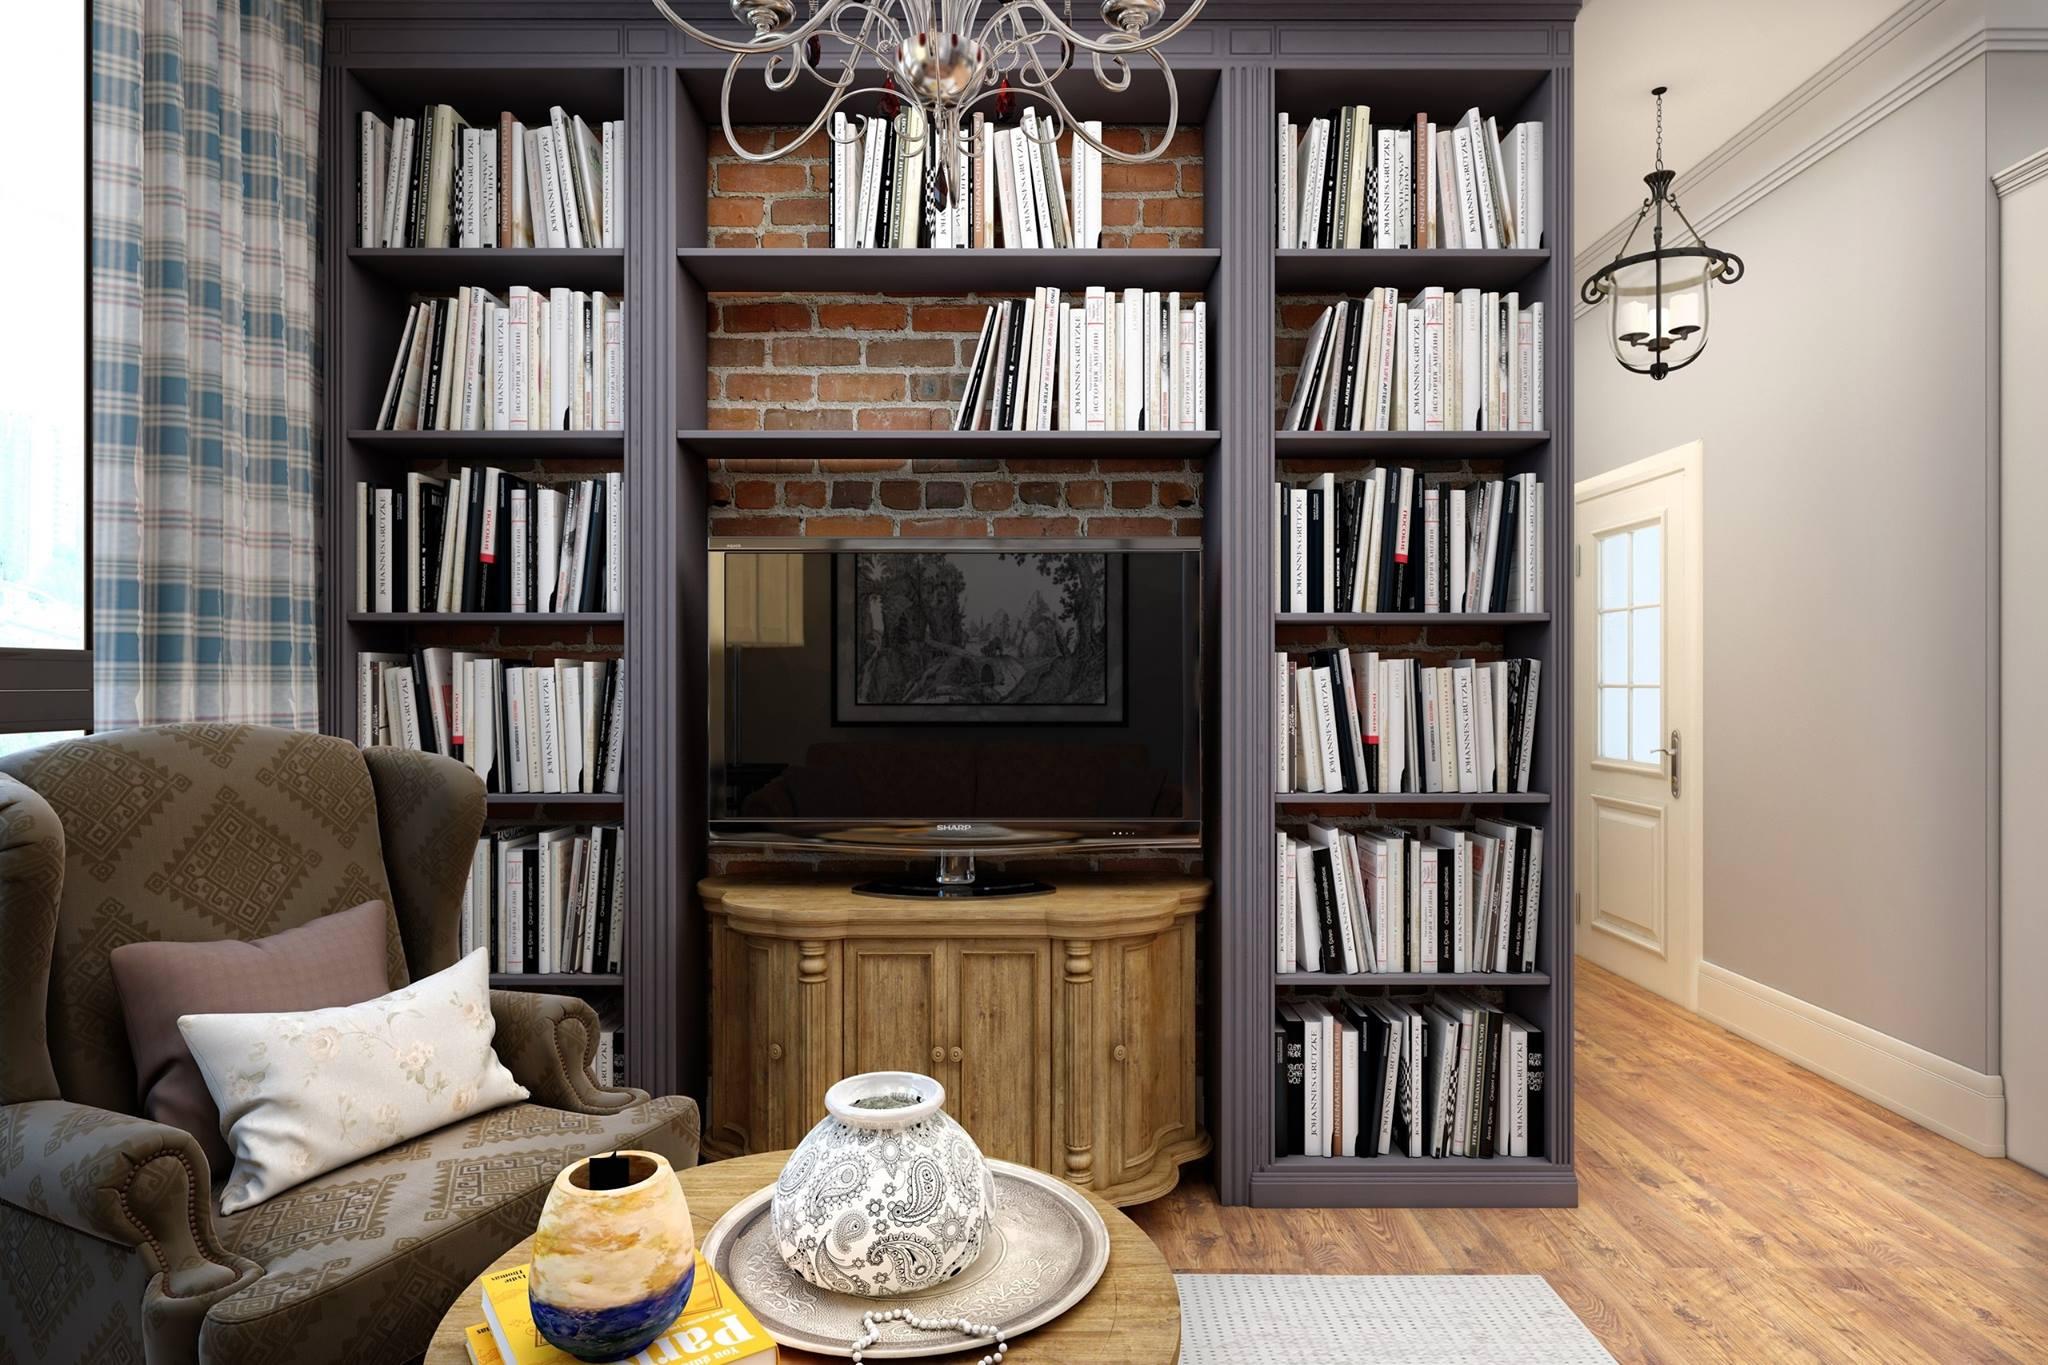 Как устранить лишний шум в квартире?